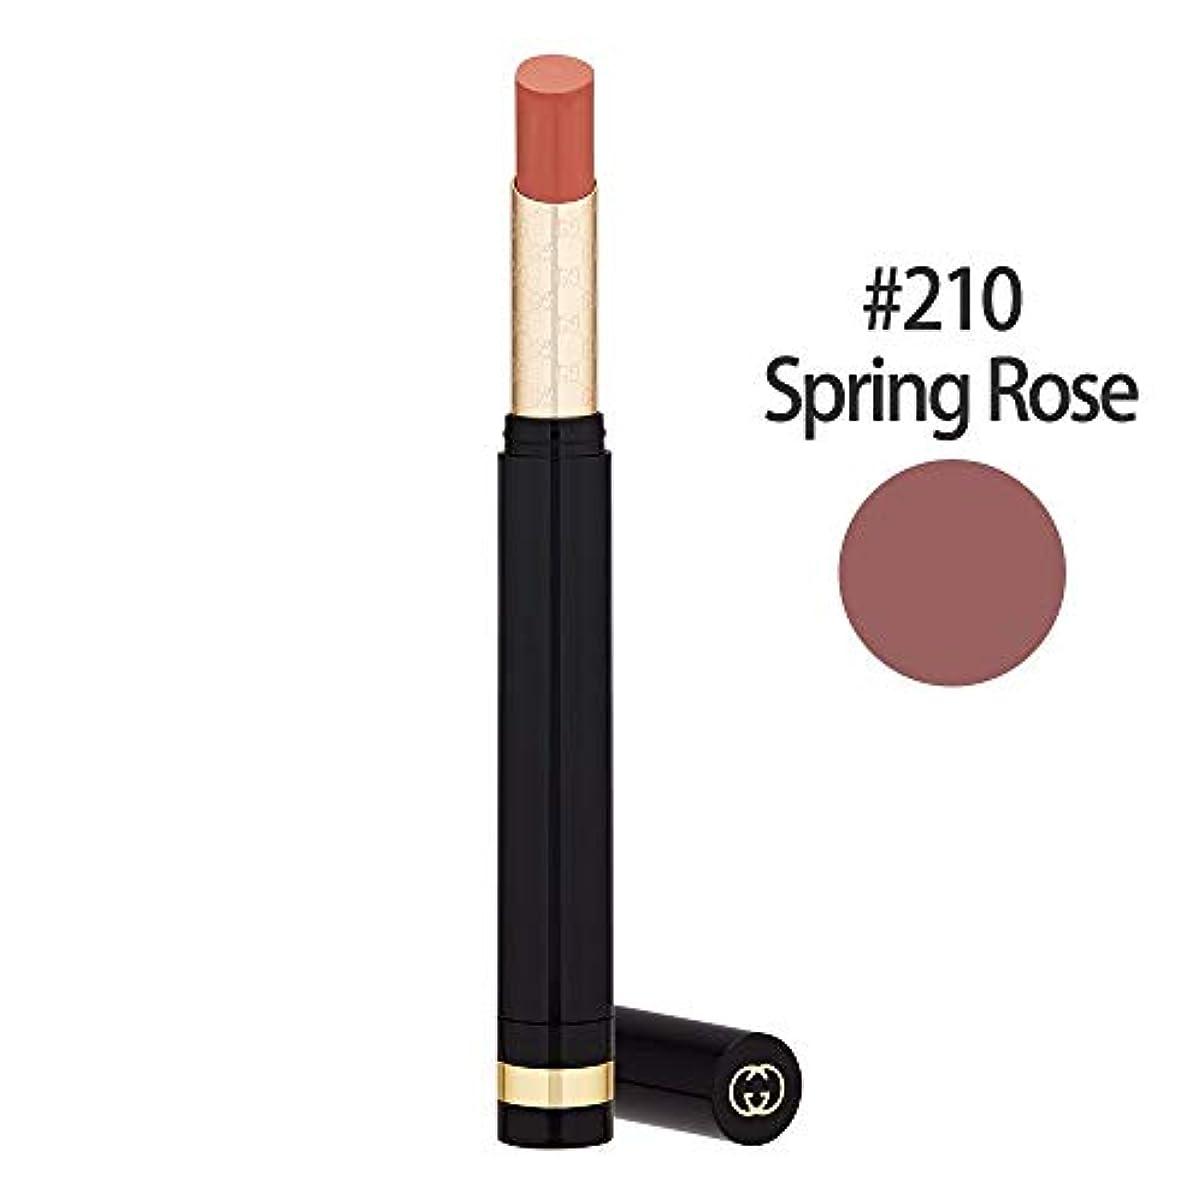 パラダイステセウスアストロラーベグッチ(GUCCI) センシュアスディープマット リップスティック #210(Spring Rose) 1.5g [並行輸入品]